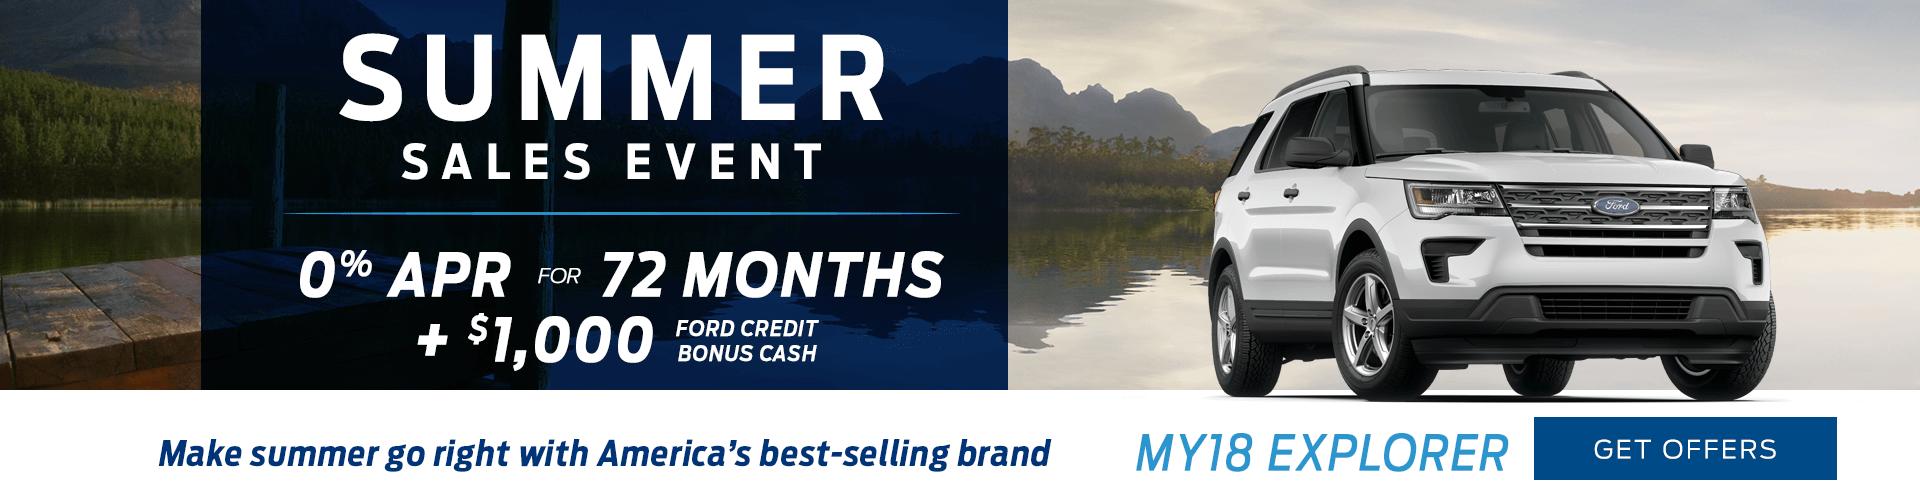 Special offer on 2018 Ford Explorer 2018 Ford Explorer Summer Sales Event Offer